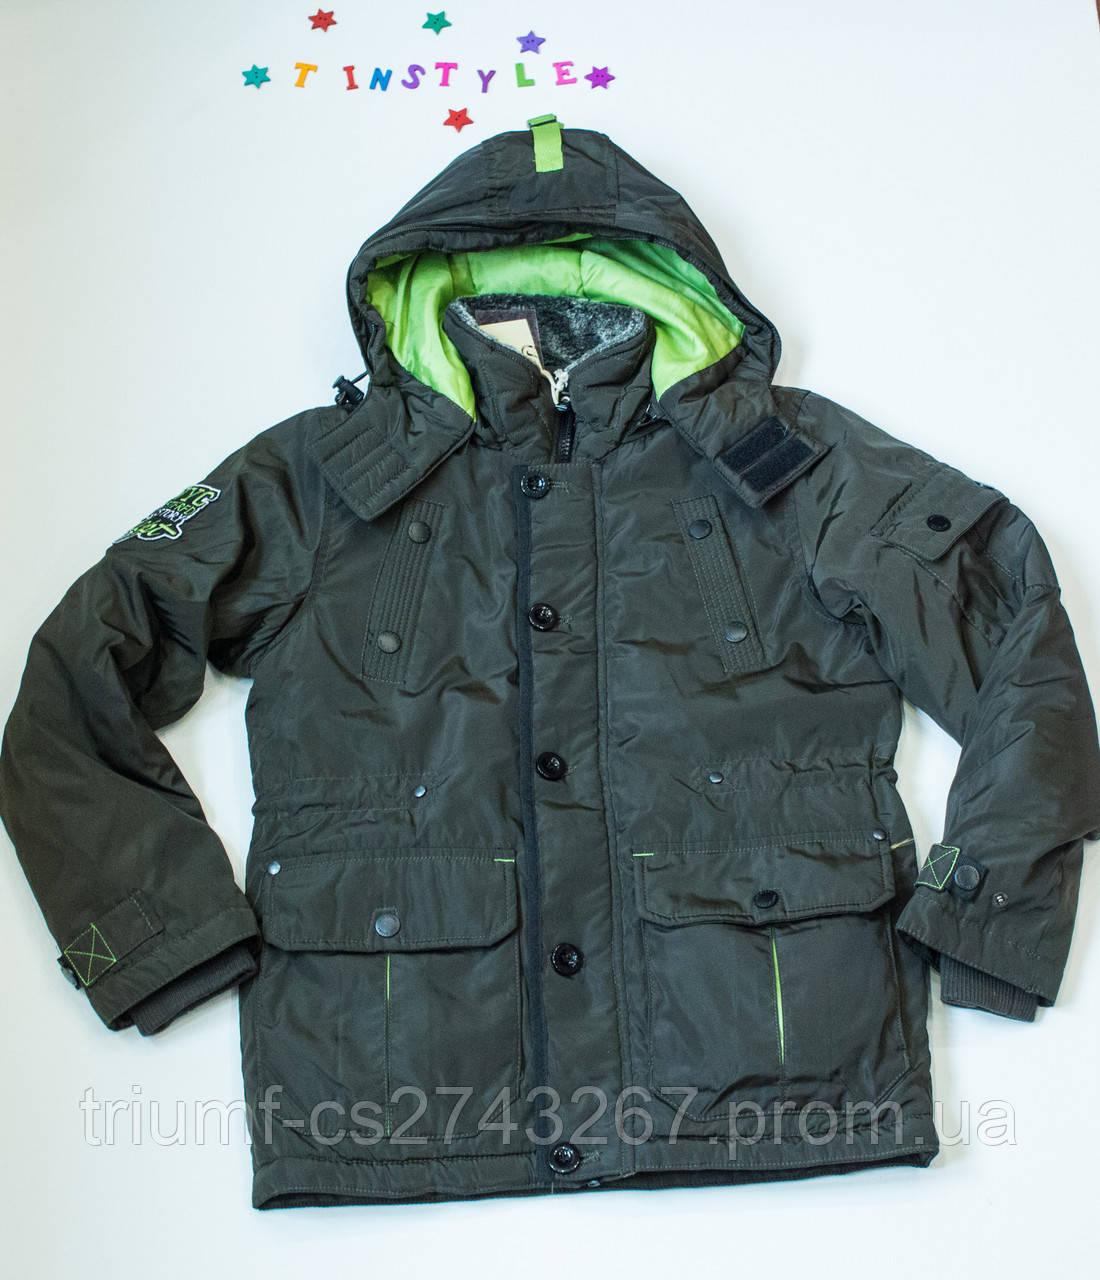 Теплая Куртка-парка Демисезон на Мальчика (рост 134-140 См) — в Категории